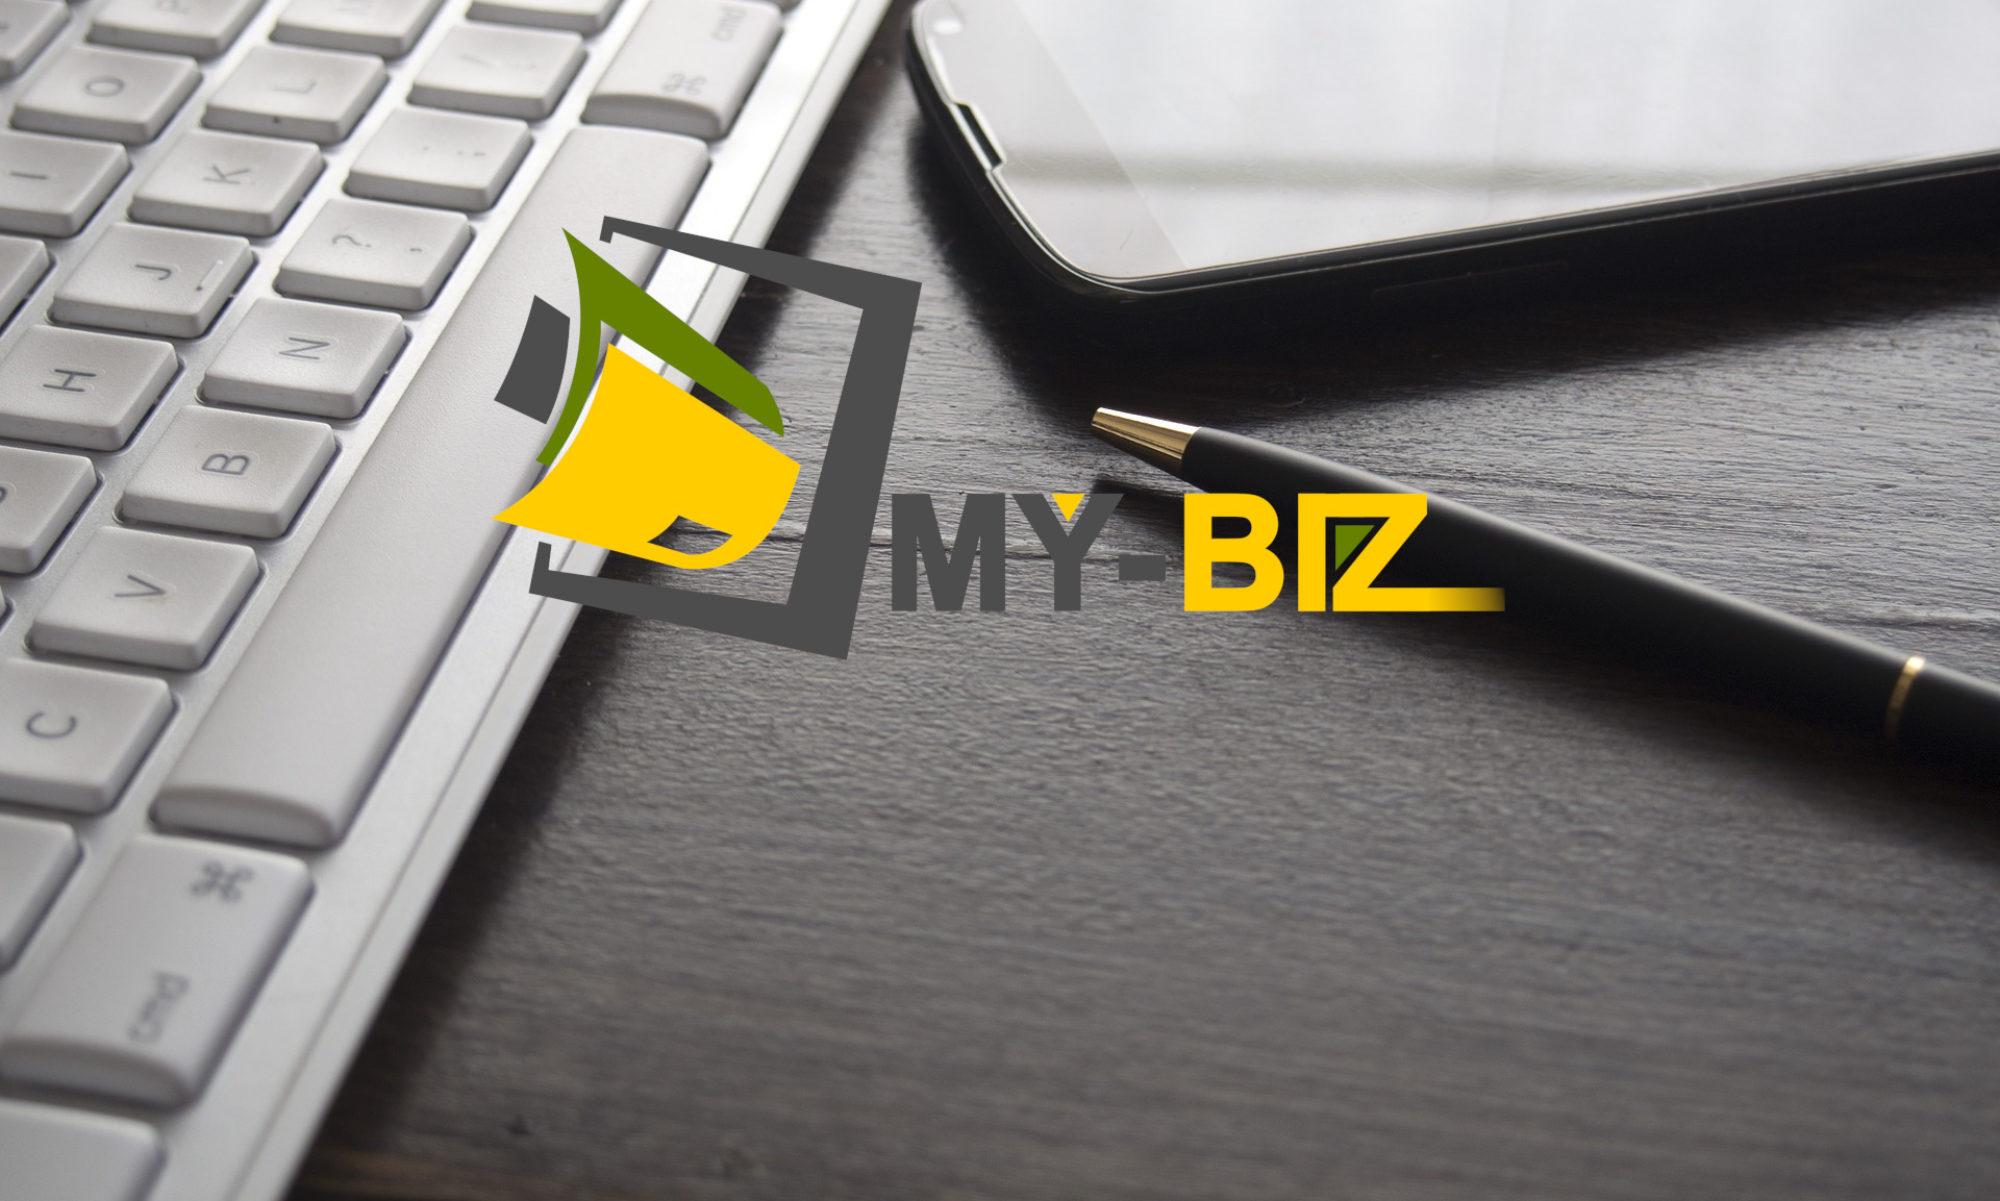 My-biz /